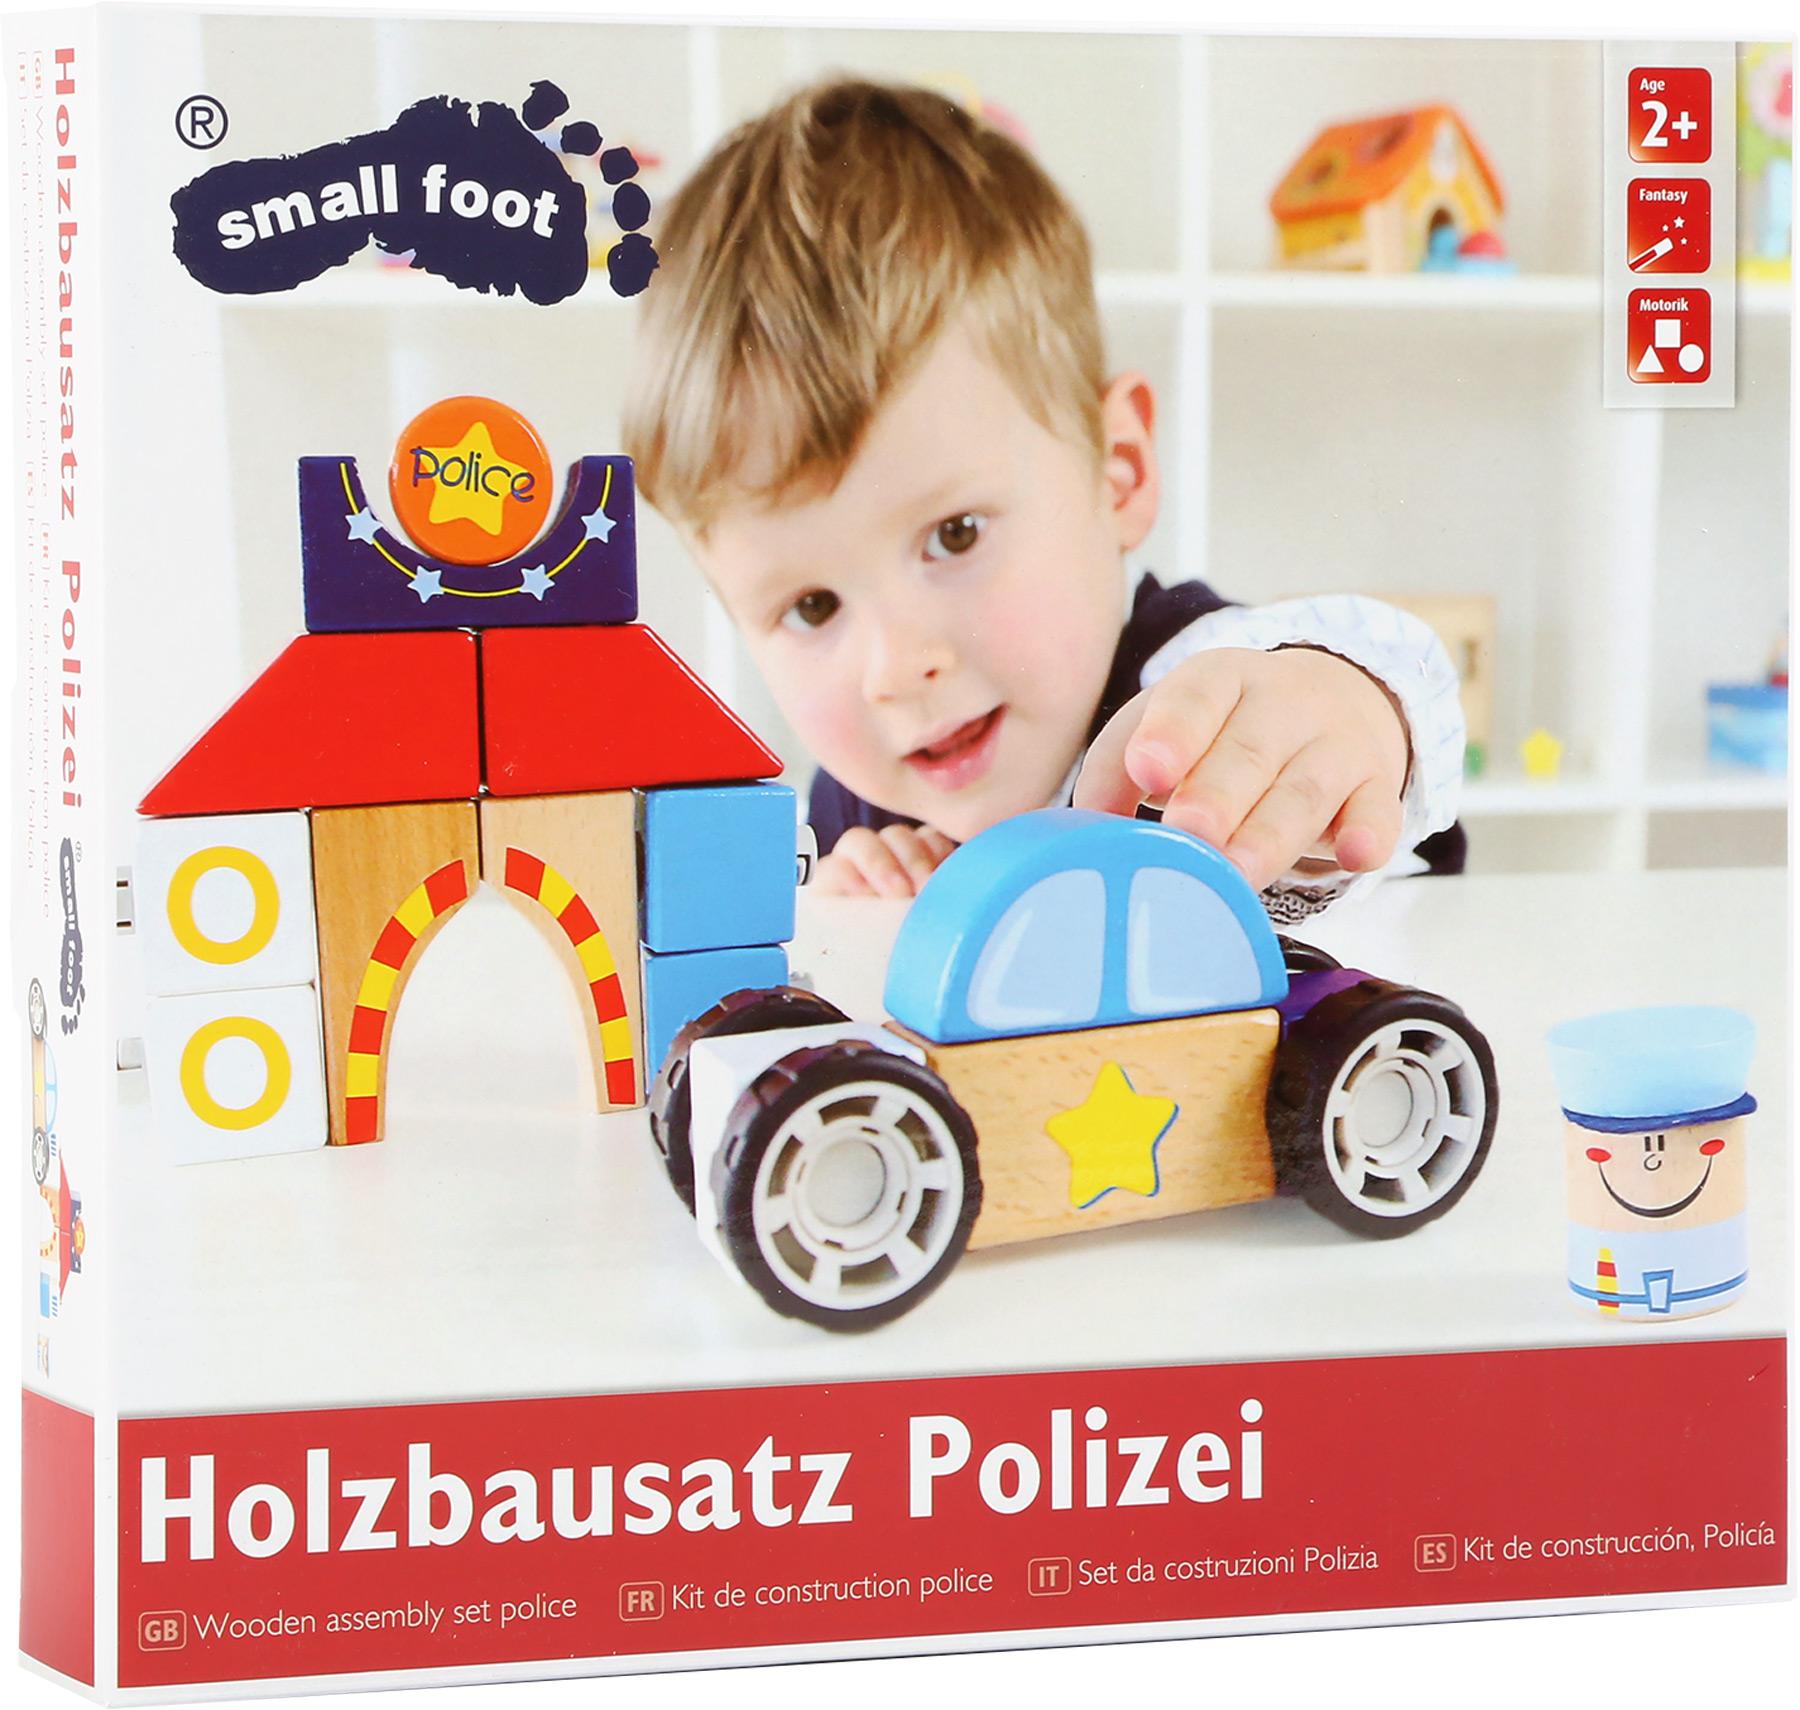 10081_holzbausatz_polizei_verpackung